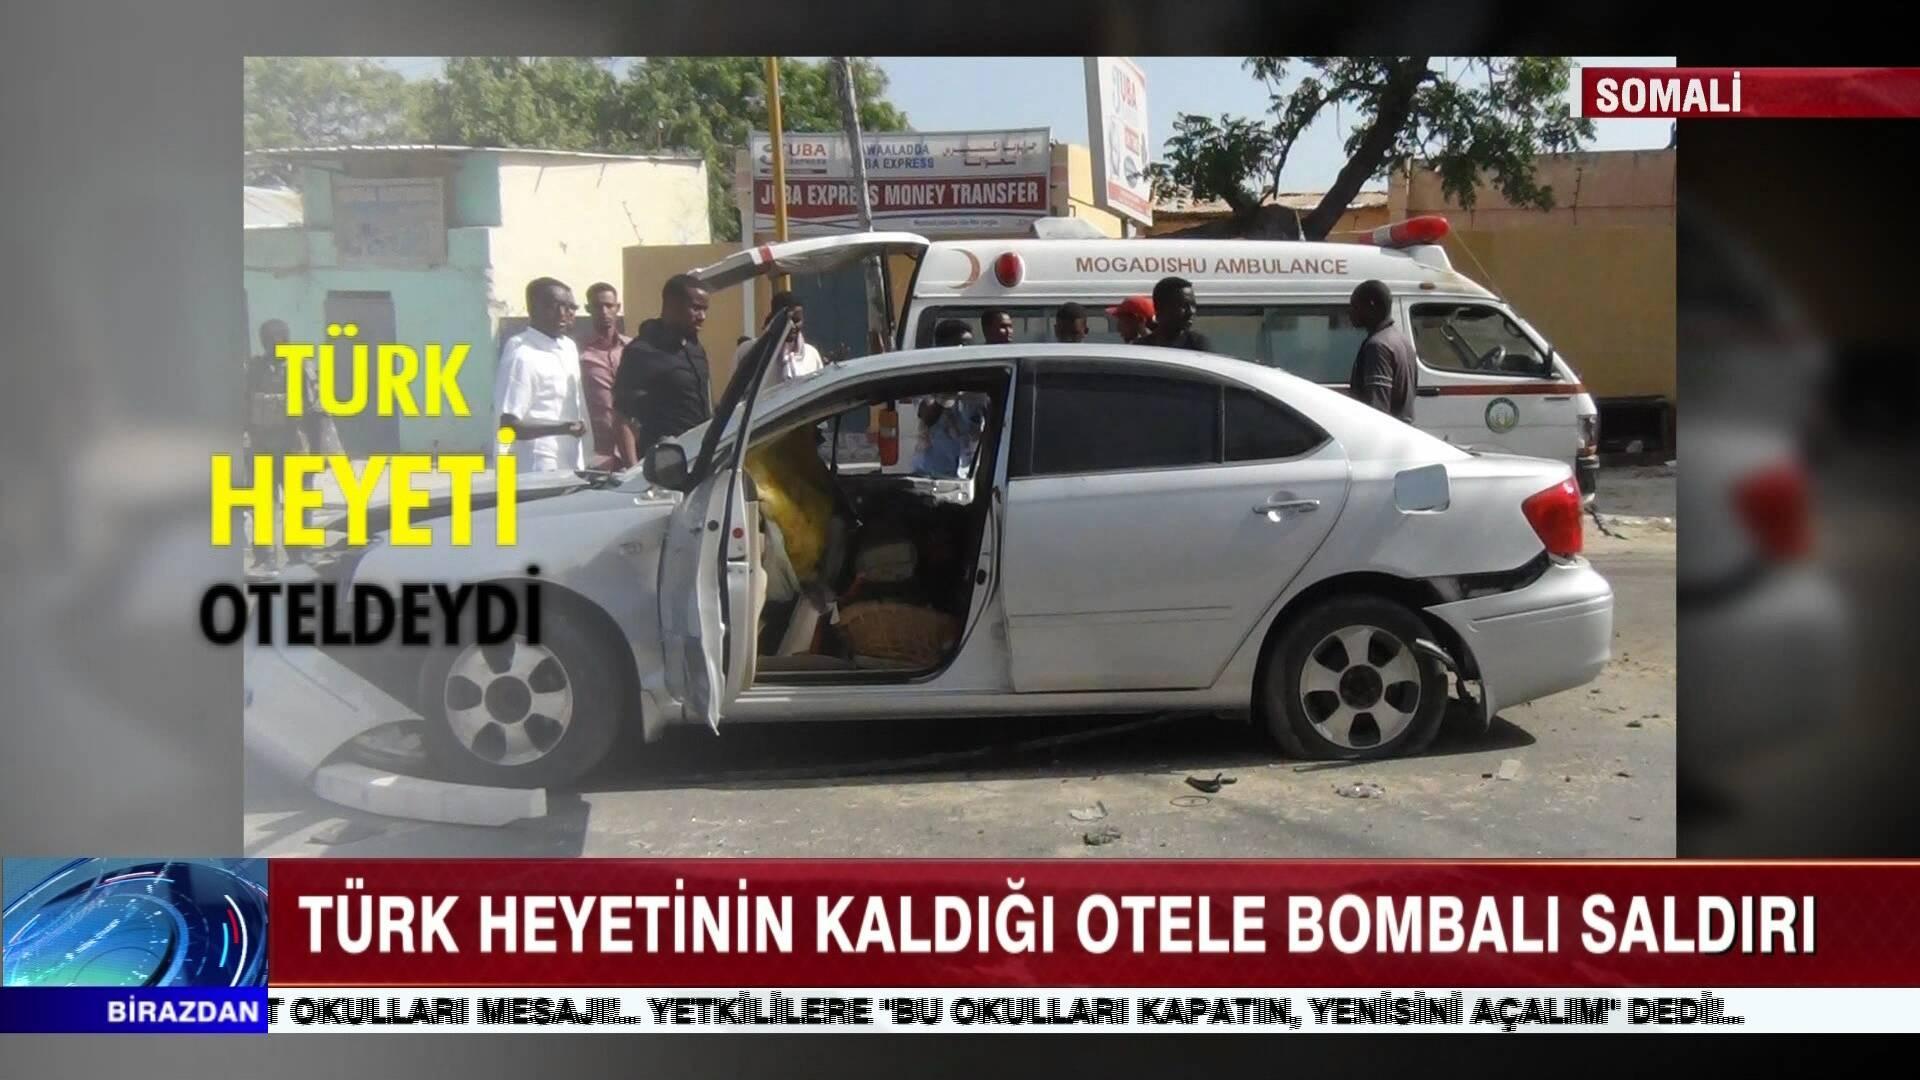 Türk Heyeti'nin kaldığı otele bombalı saldırı!